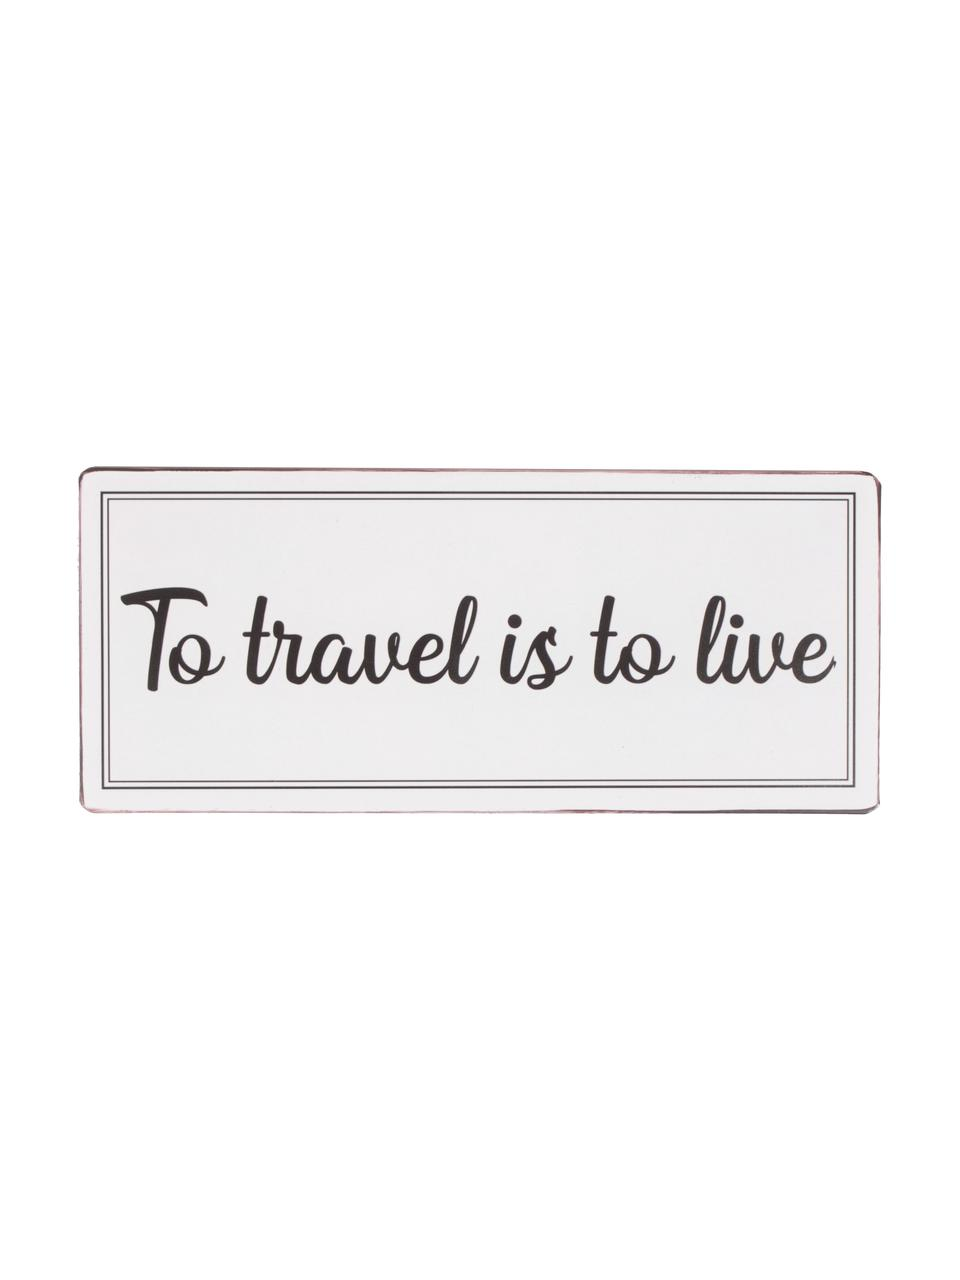 Wandschild To travel is to live, Metall, beschichtet, Hellgrau, Schwarz, 31 x 13 cm